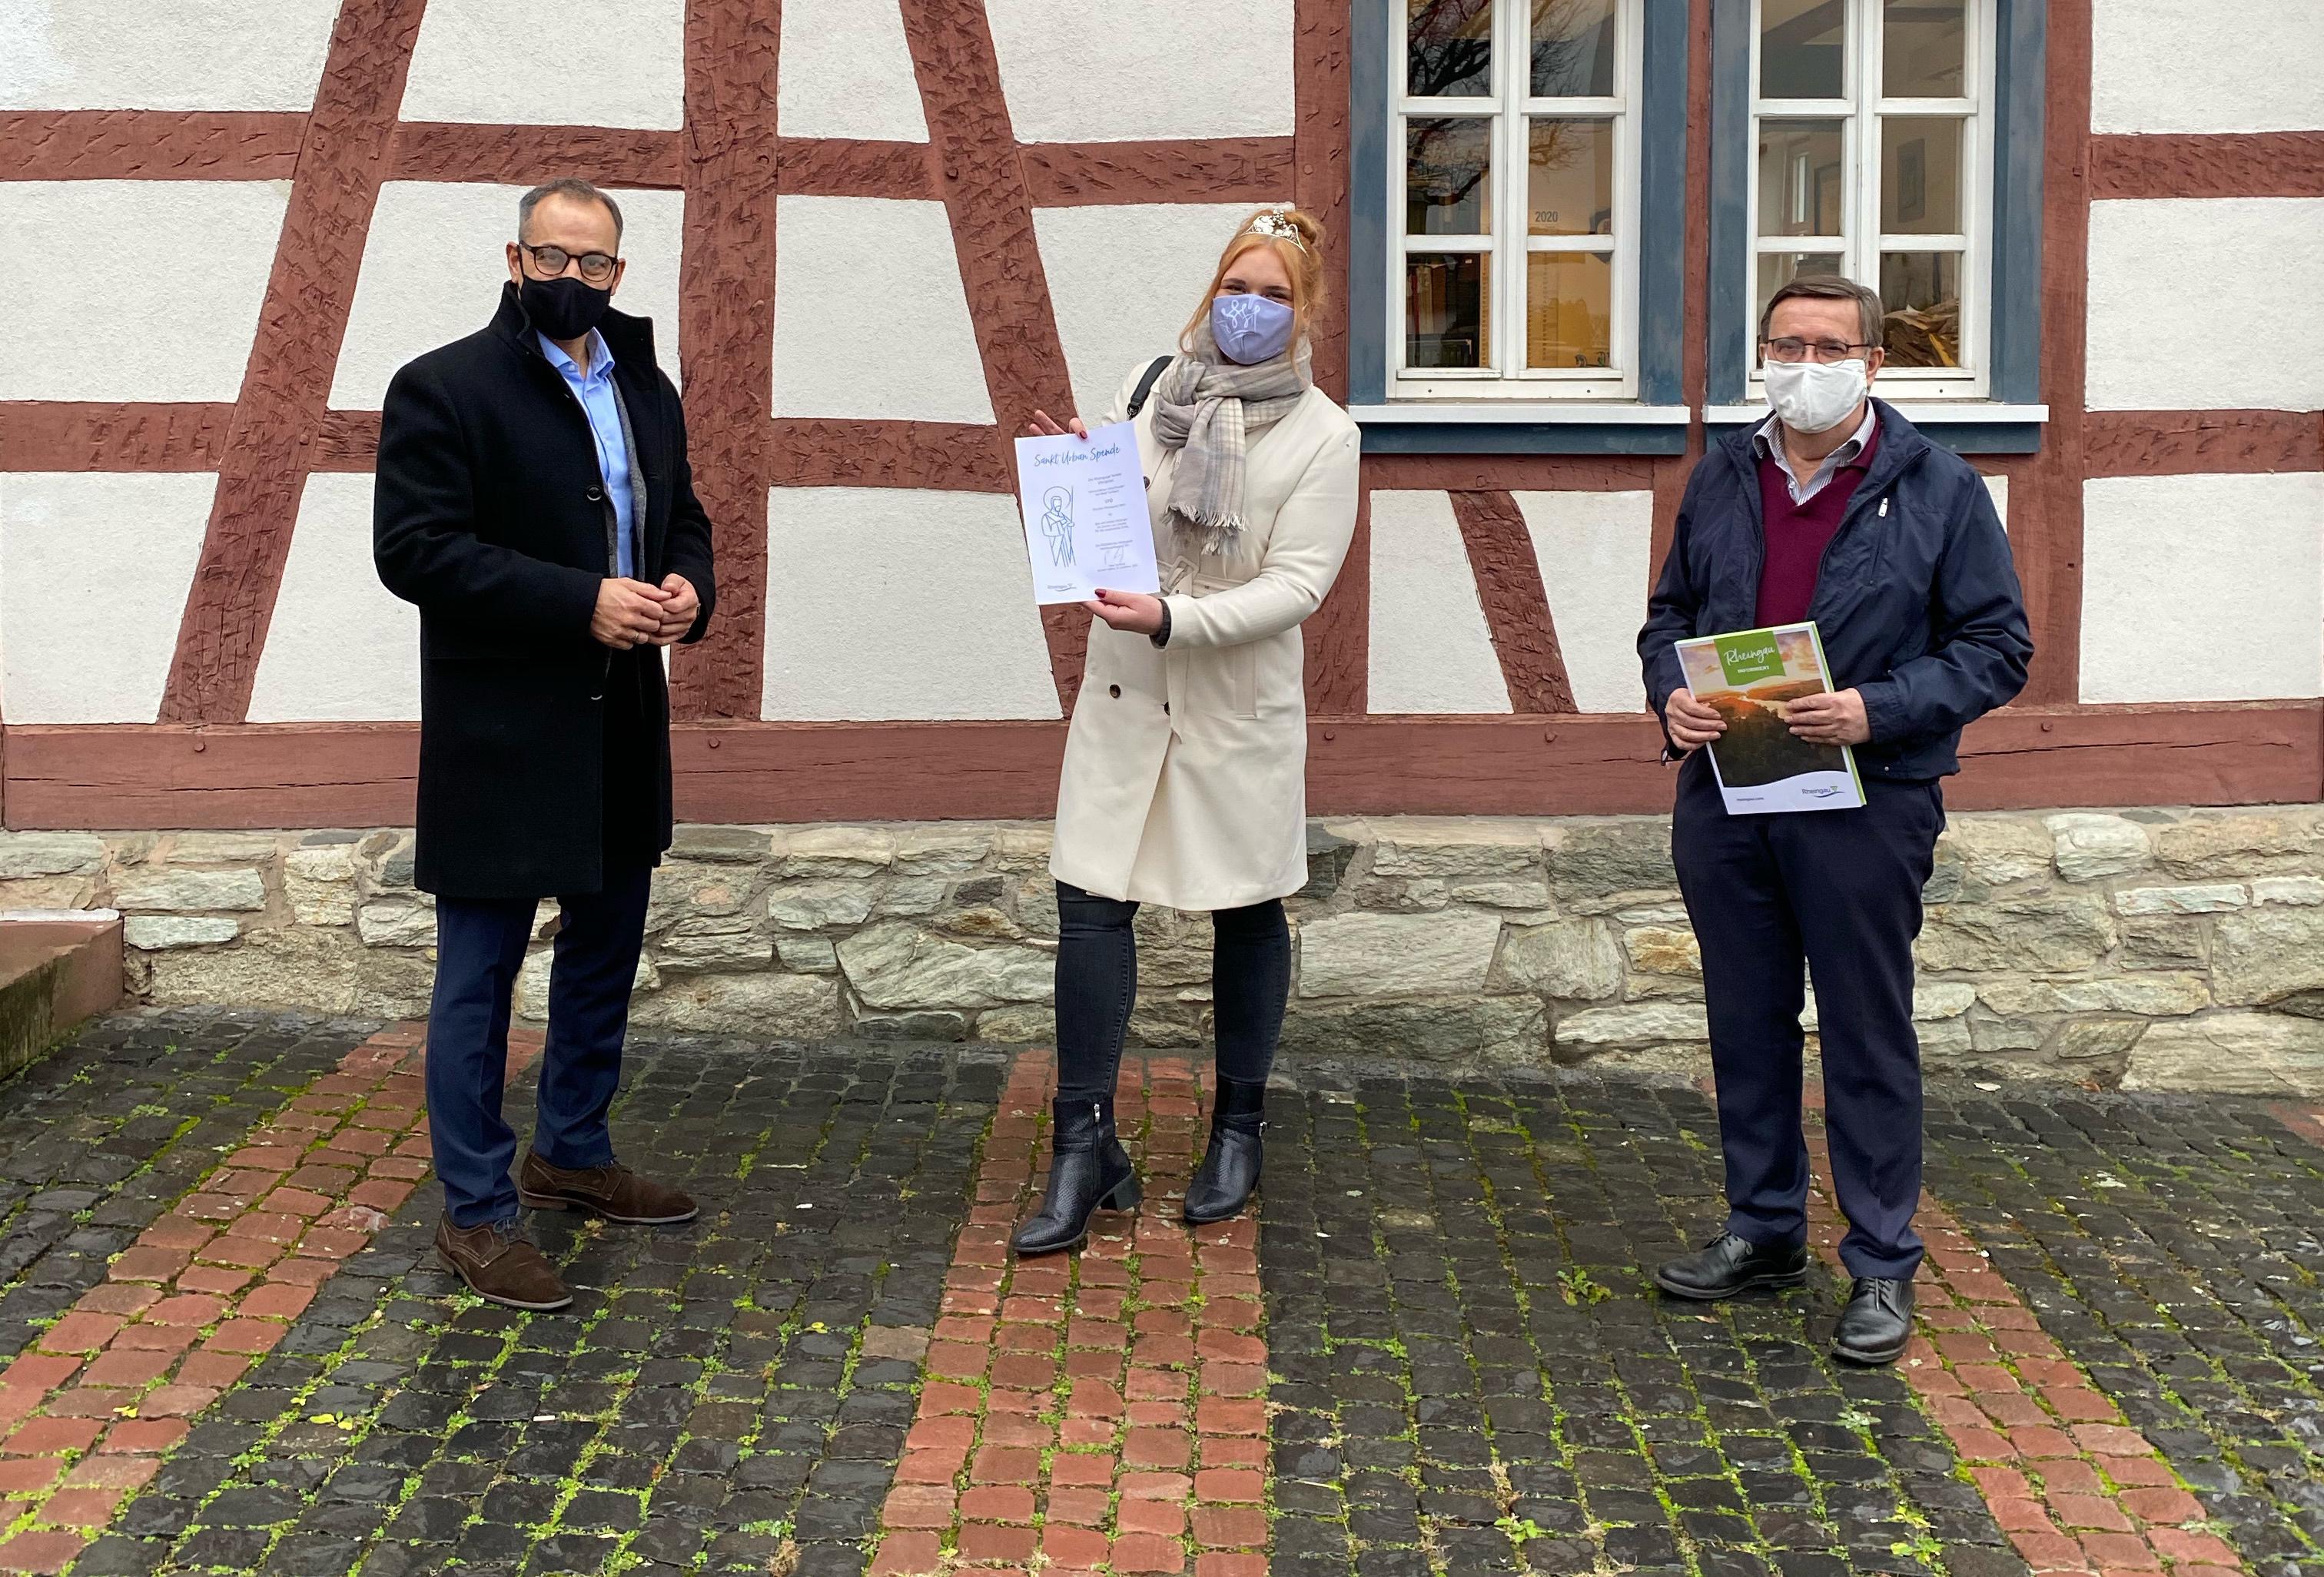 Bürgermeister Shaikh nimmt aus den Händen der Rheingauer Weinprinzessin Annika Walther und des Präsidenten des Rheingauer Weinbauverbands Peter Seyffarth die St. Urban-Spende über 270 Flaschen Rheingauer Wein entgegen.